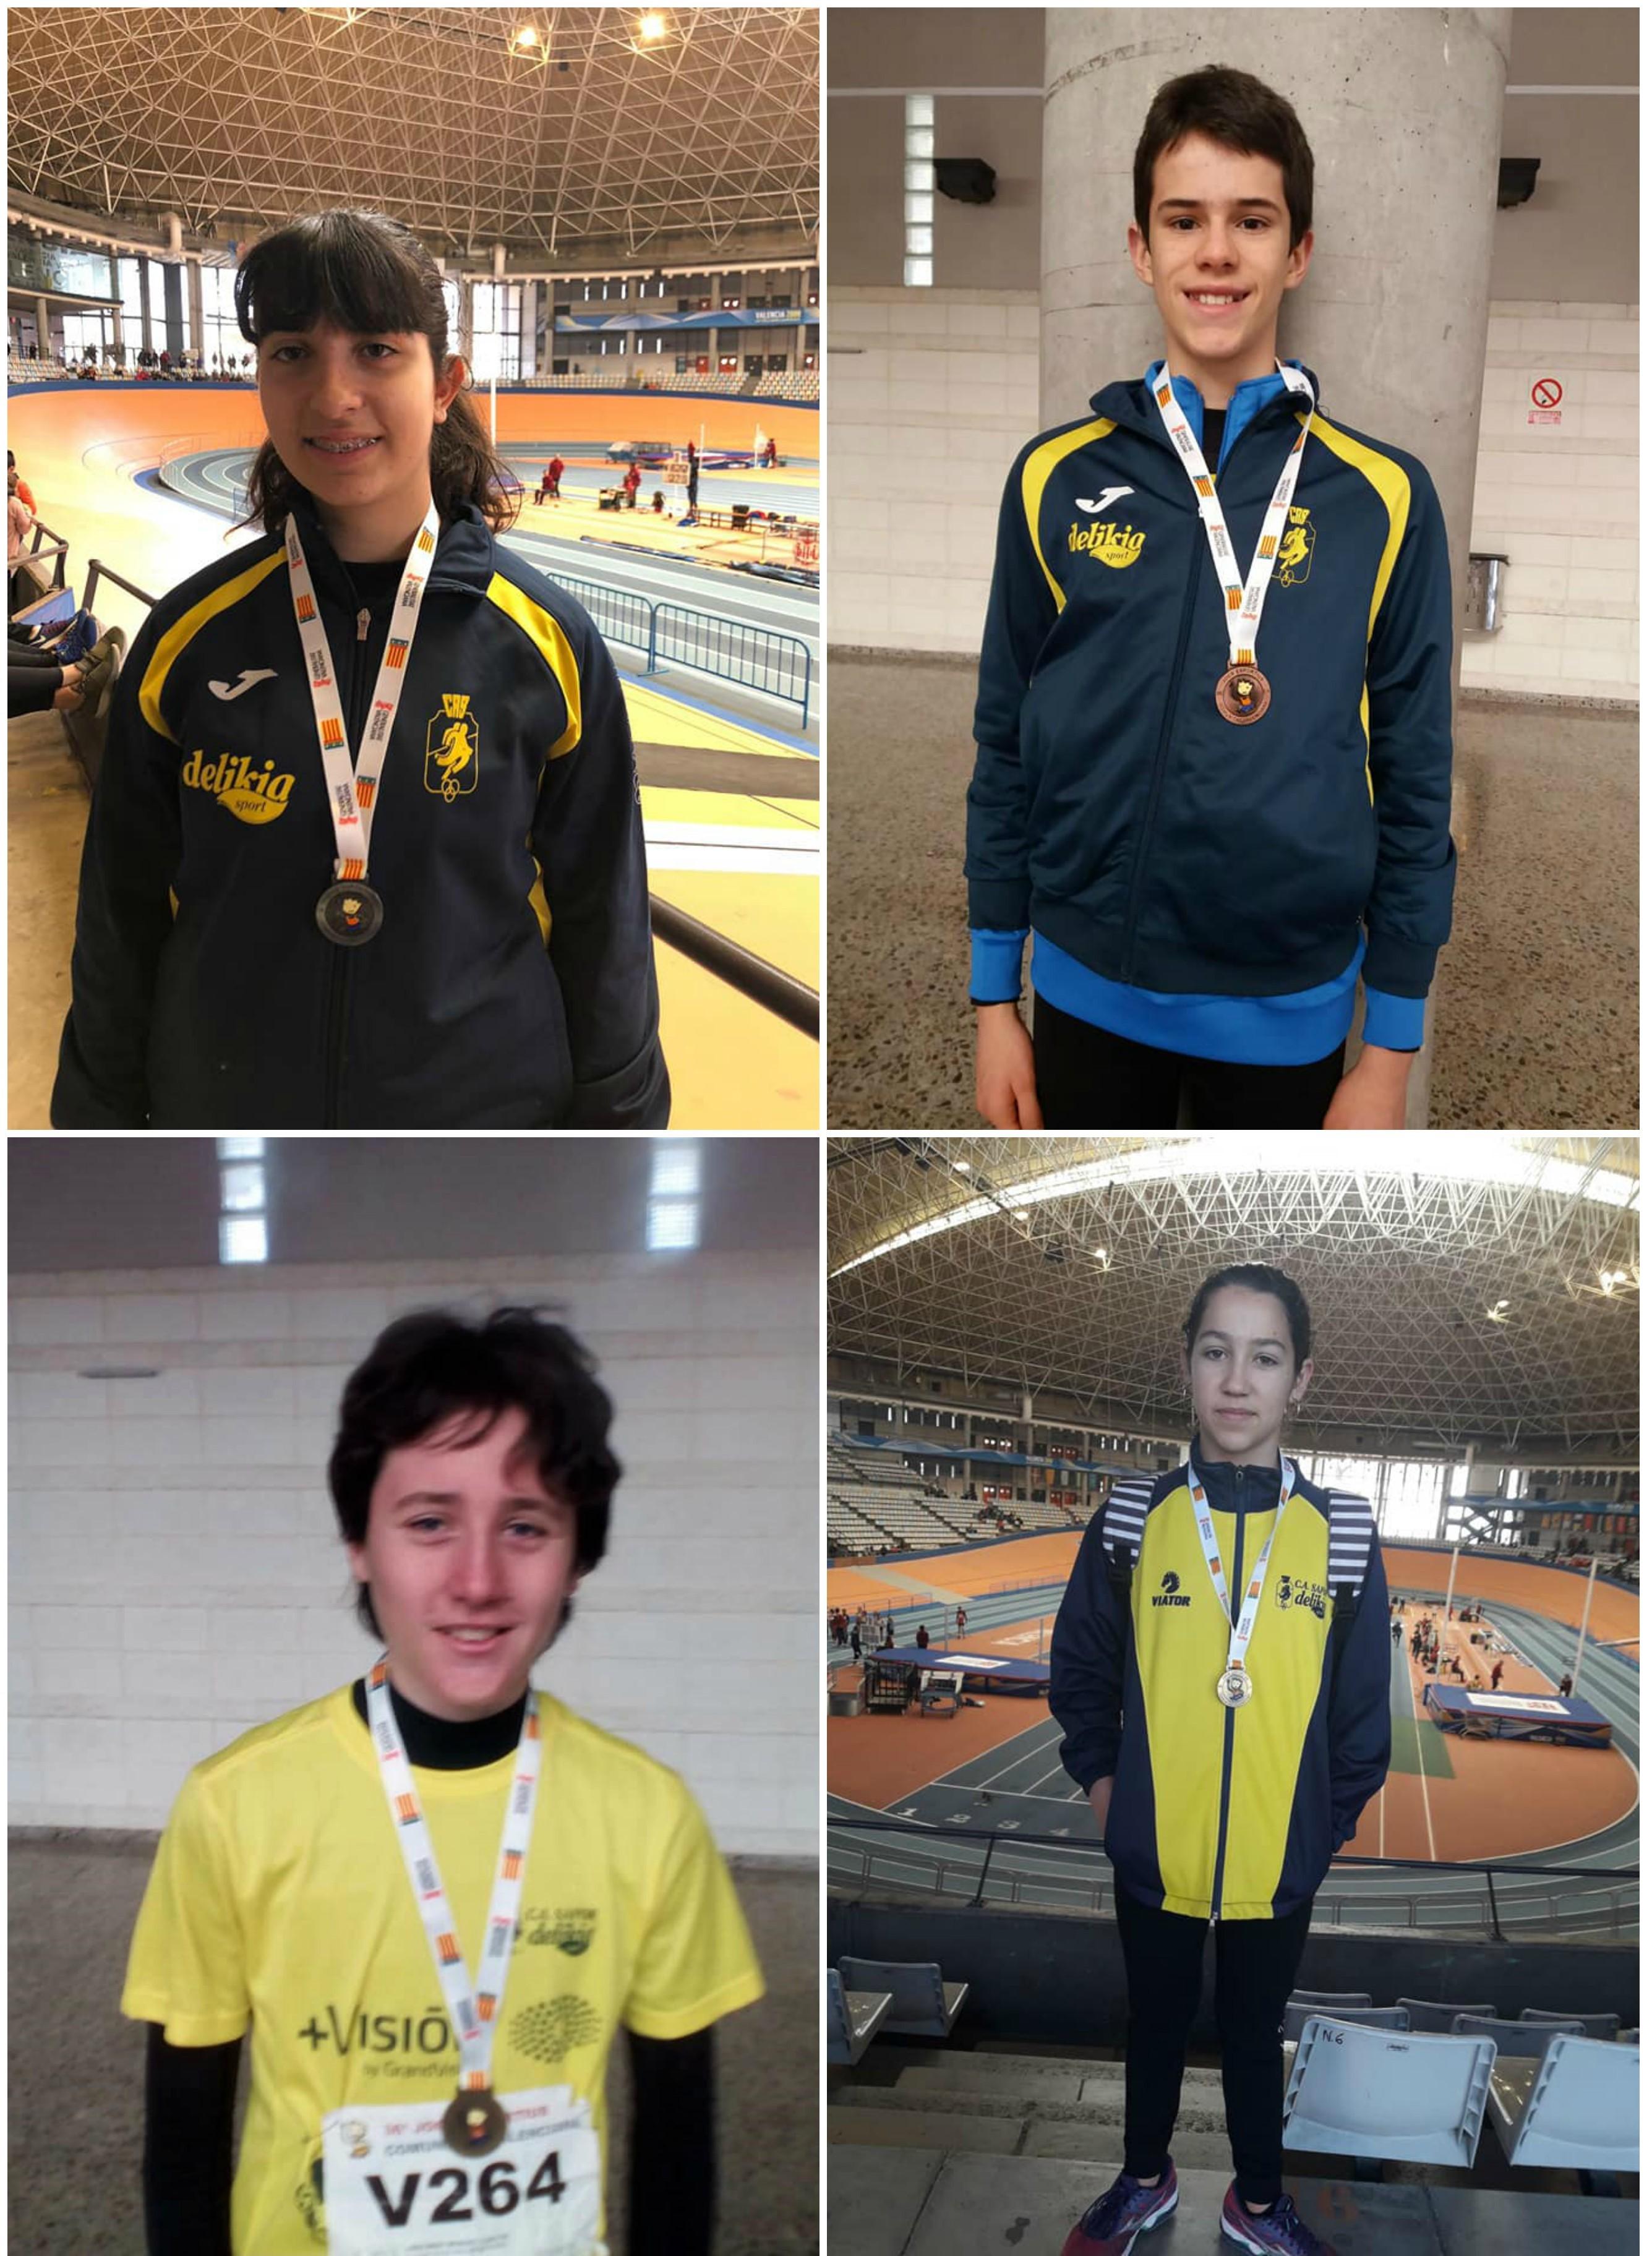 En el sentido de las agujas del reloj los medallistas Joana Escrivà, Andreu Almenar, Ángela Casanova y Jordi Miret.